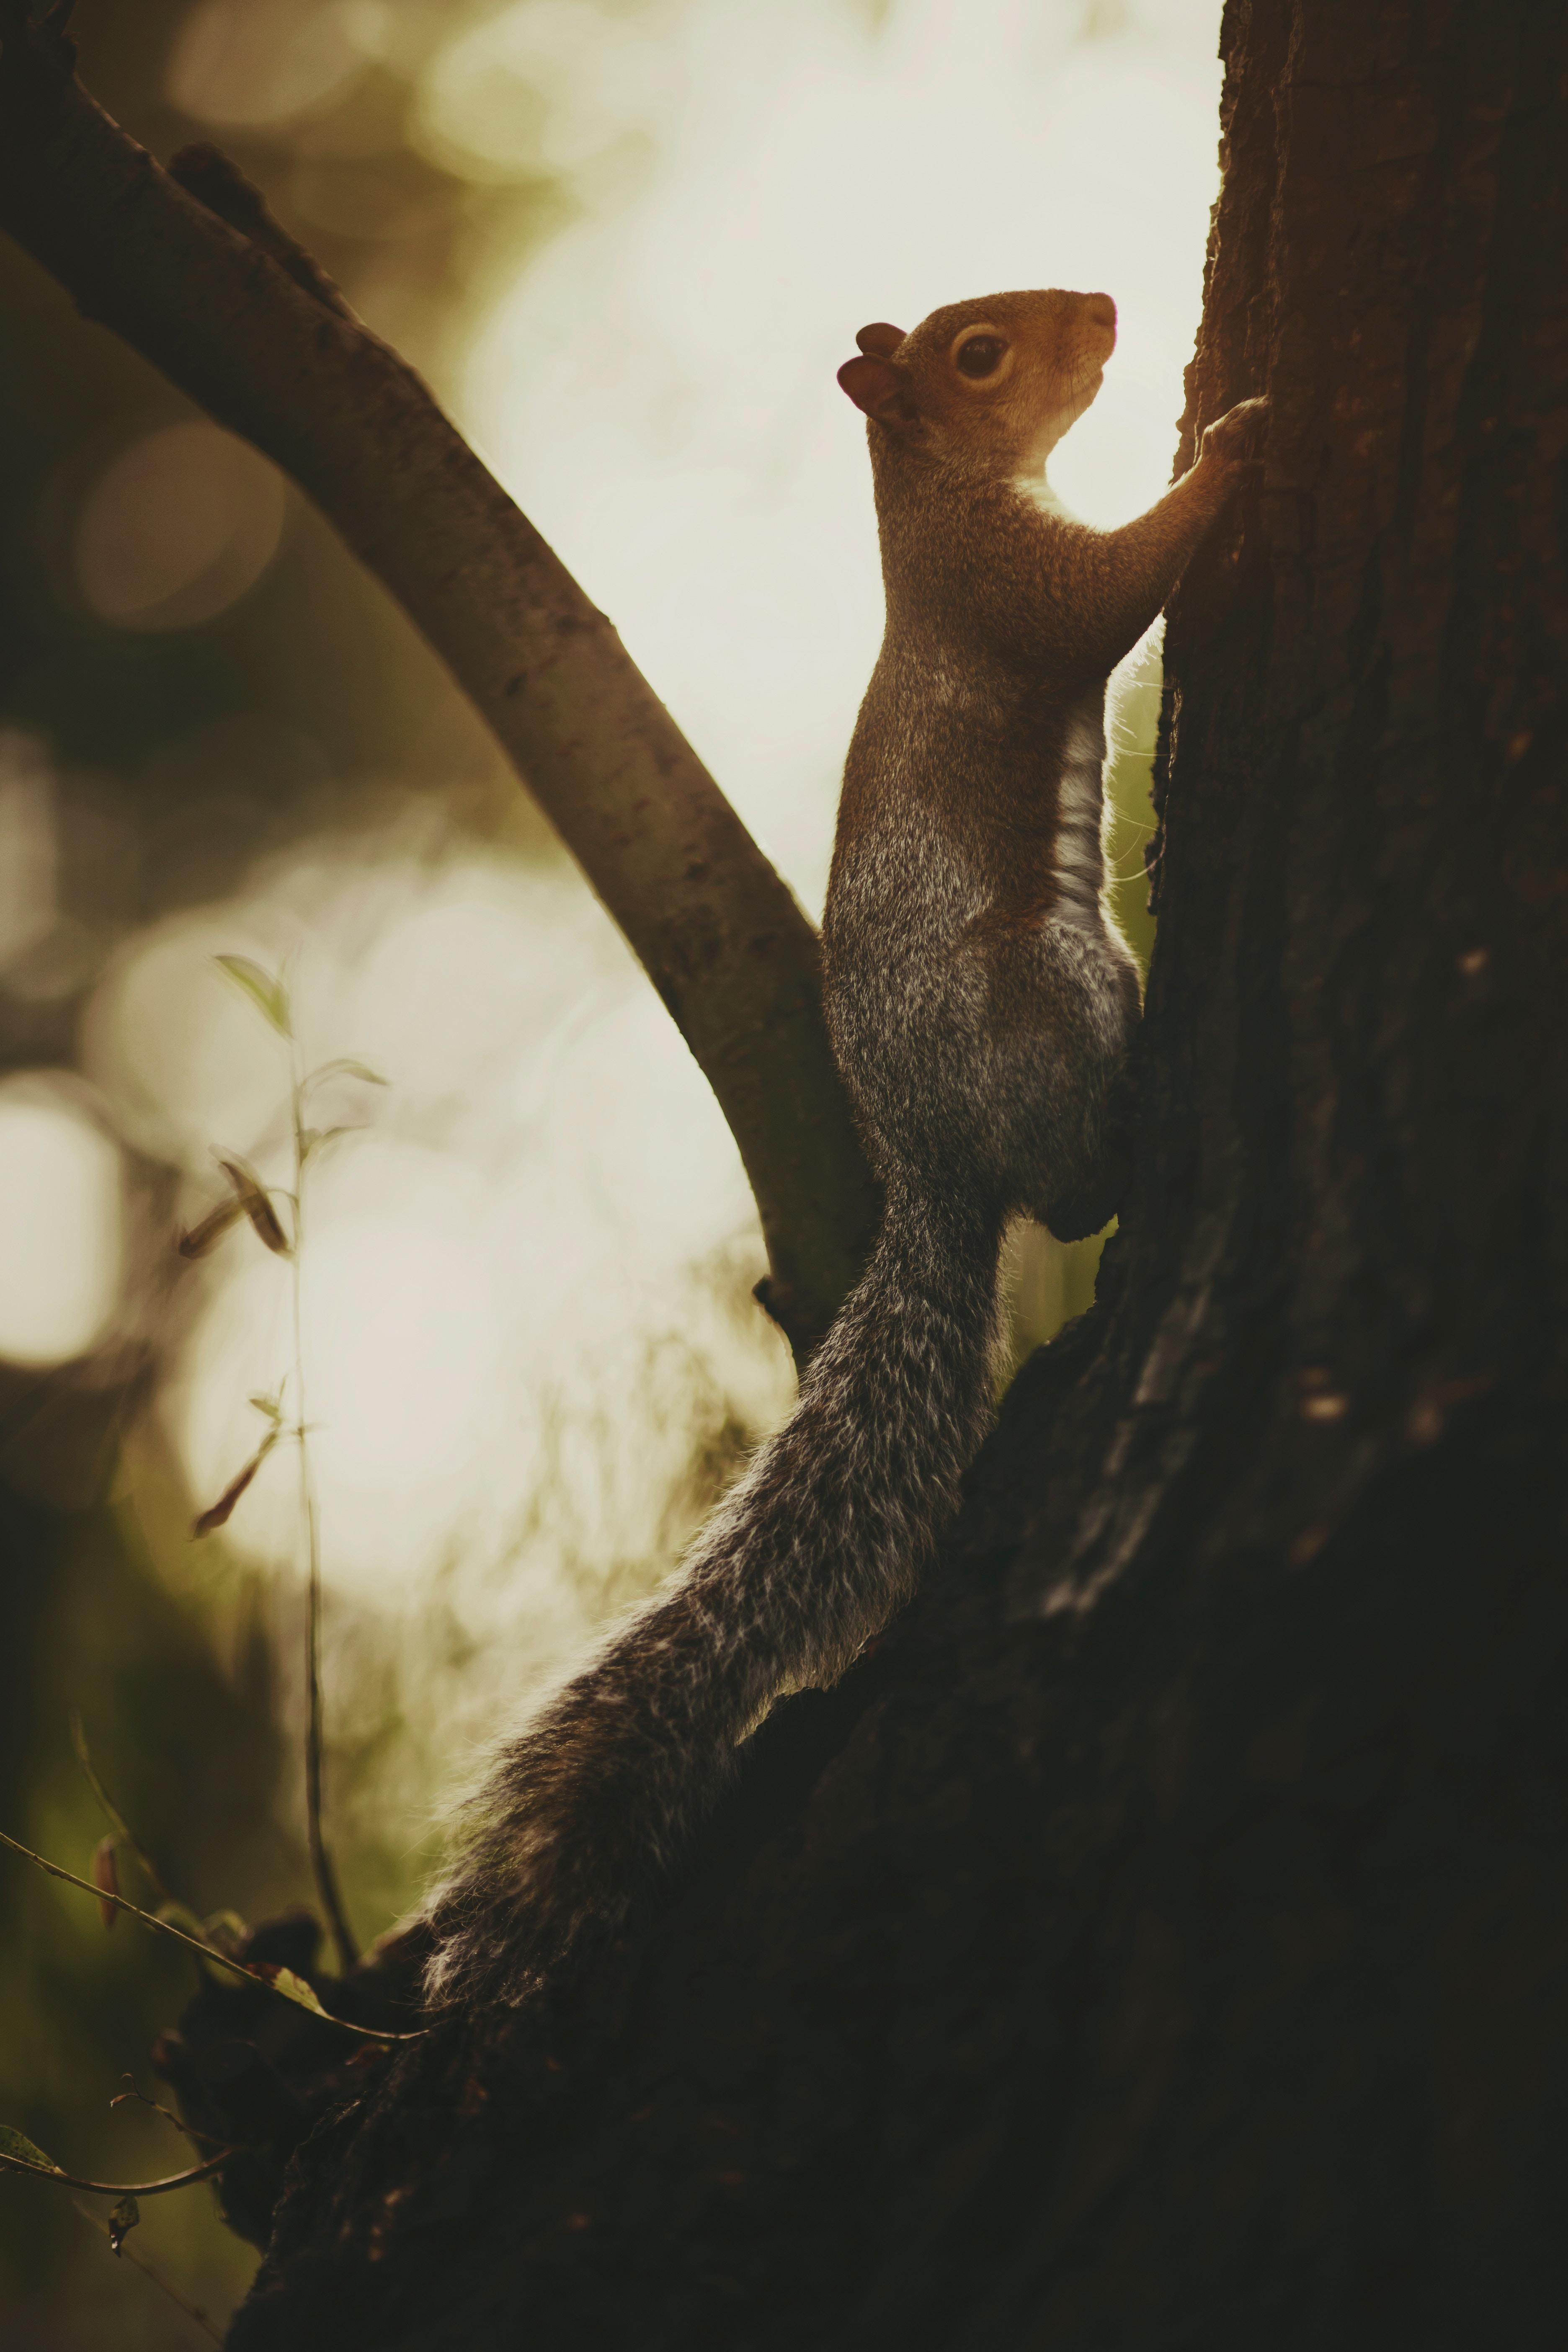 120779 скачать обои Животные, Белка, Дерево, Кора, Дикая Природа - заставки и картинки бесплатно